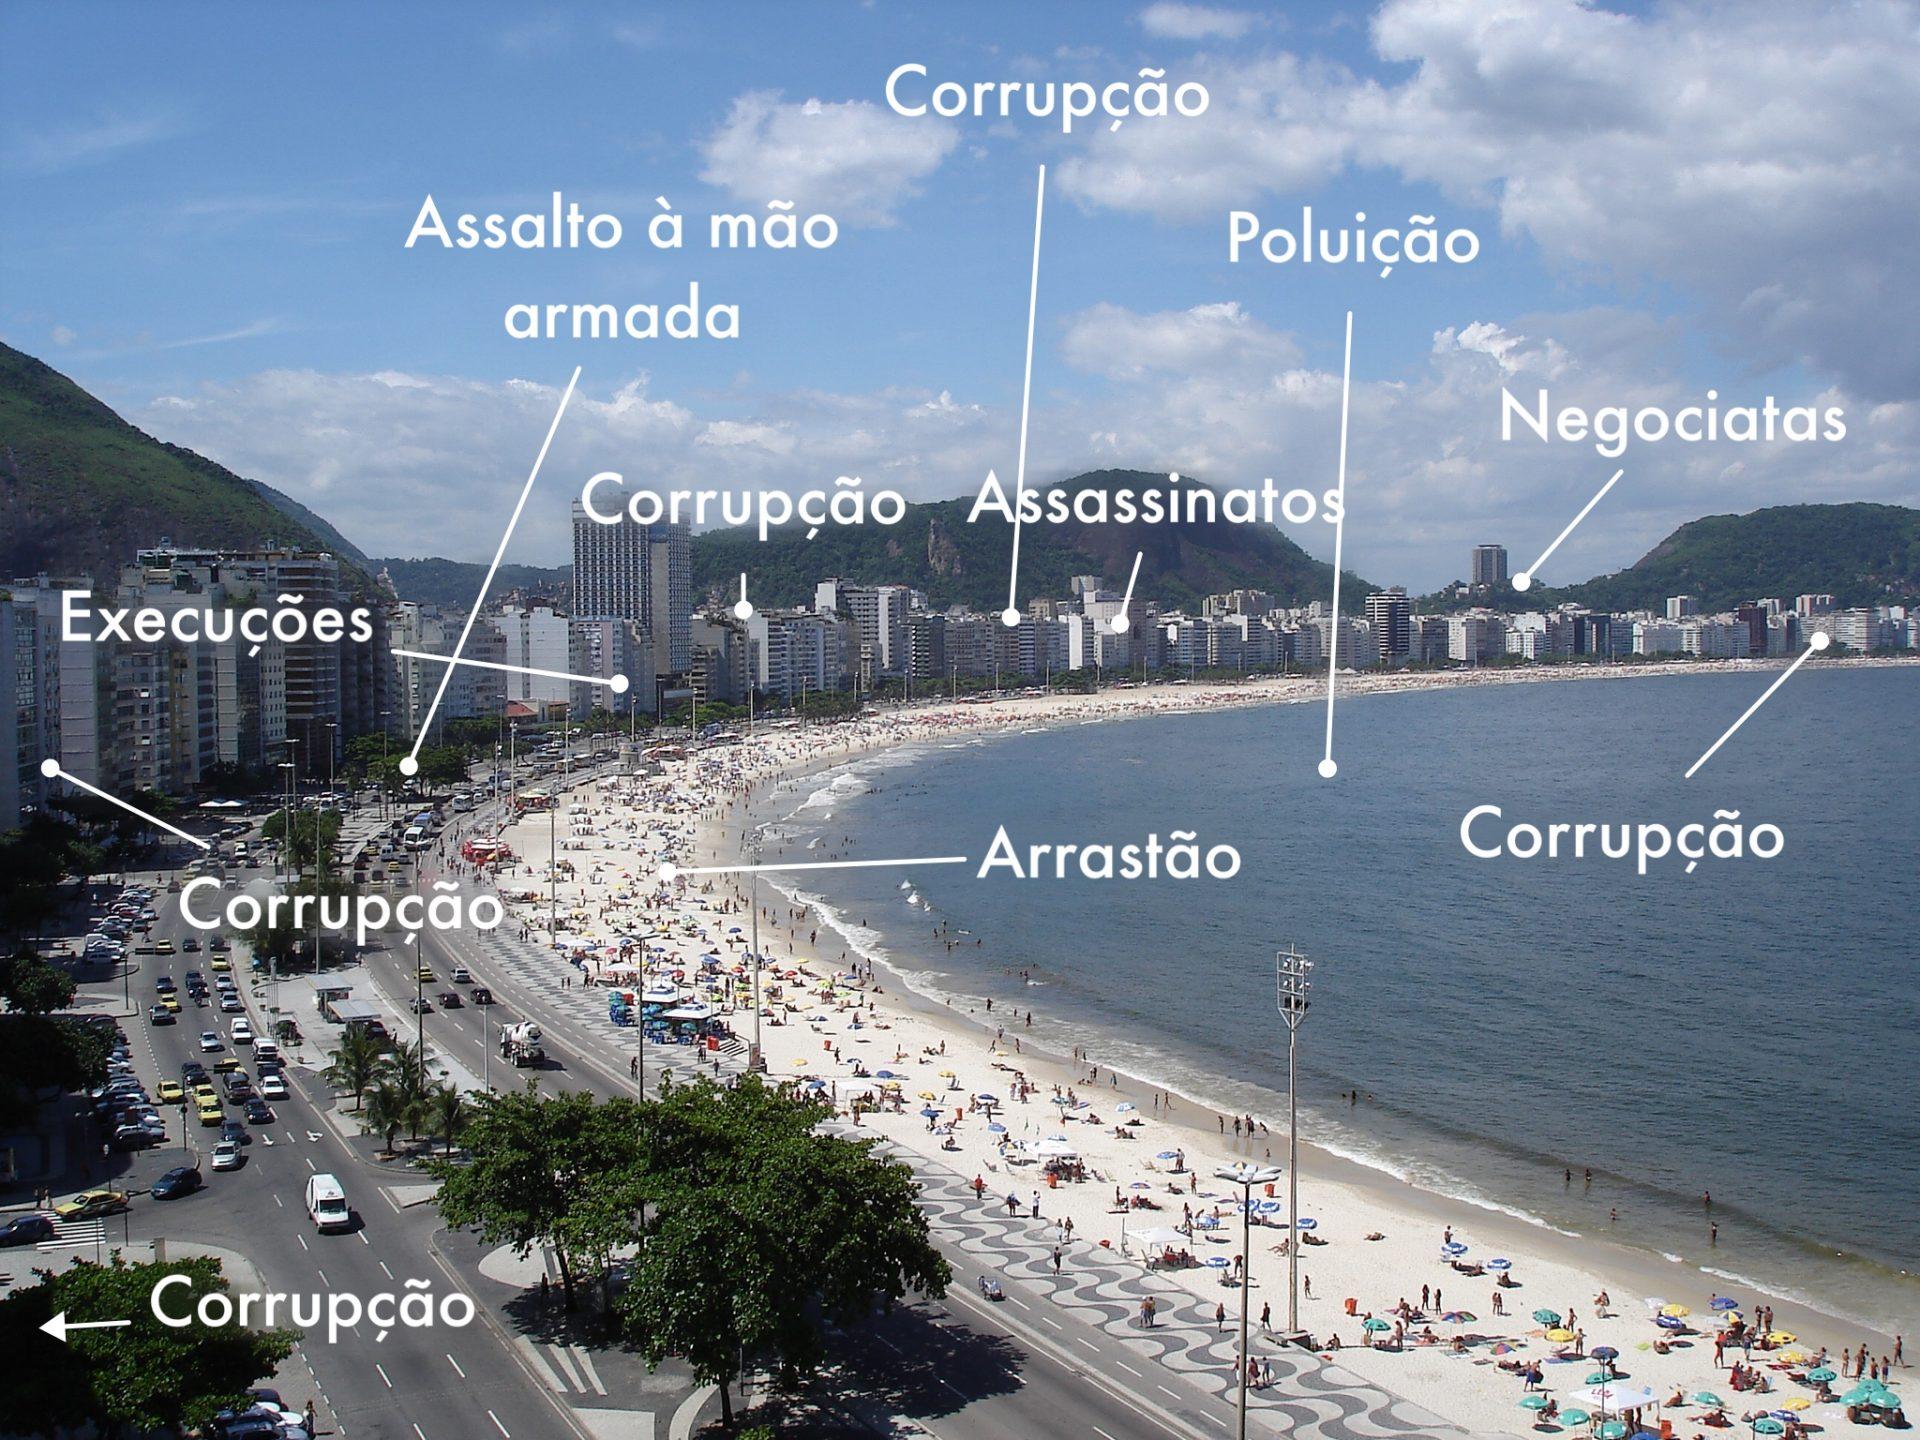 Rio de Janeiro Corrupção